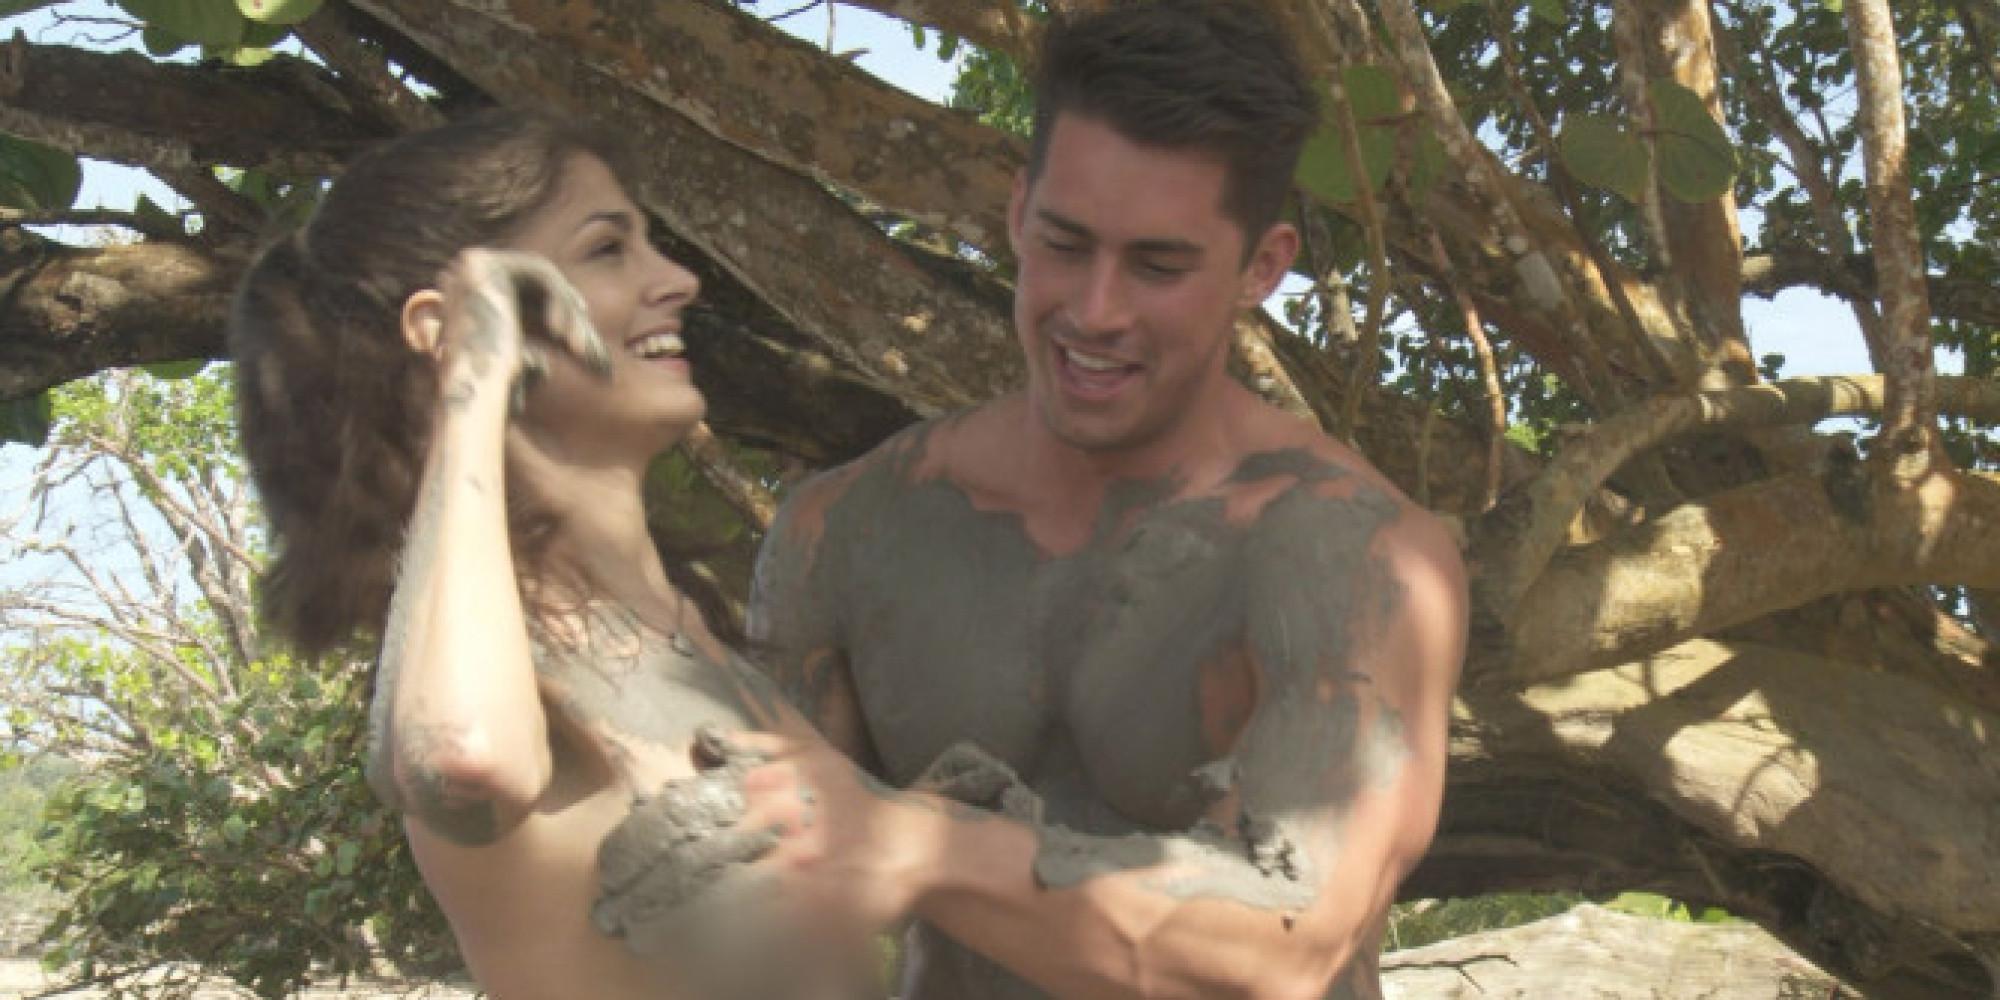 dating naked ocensurerat